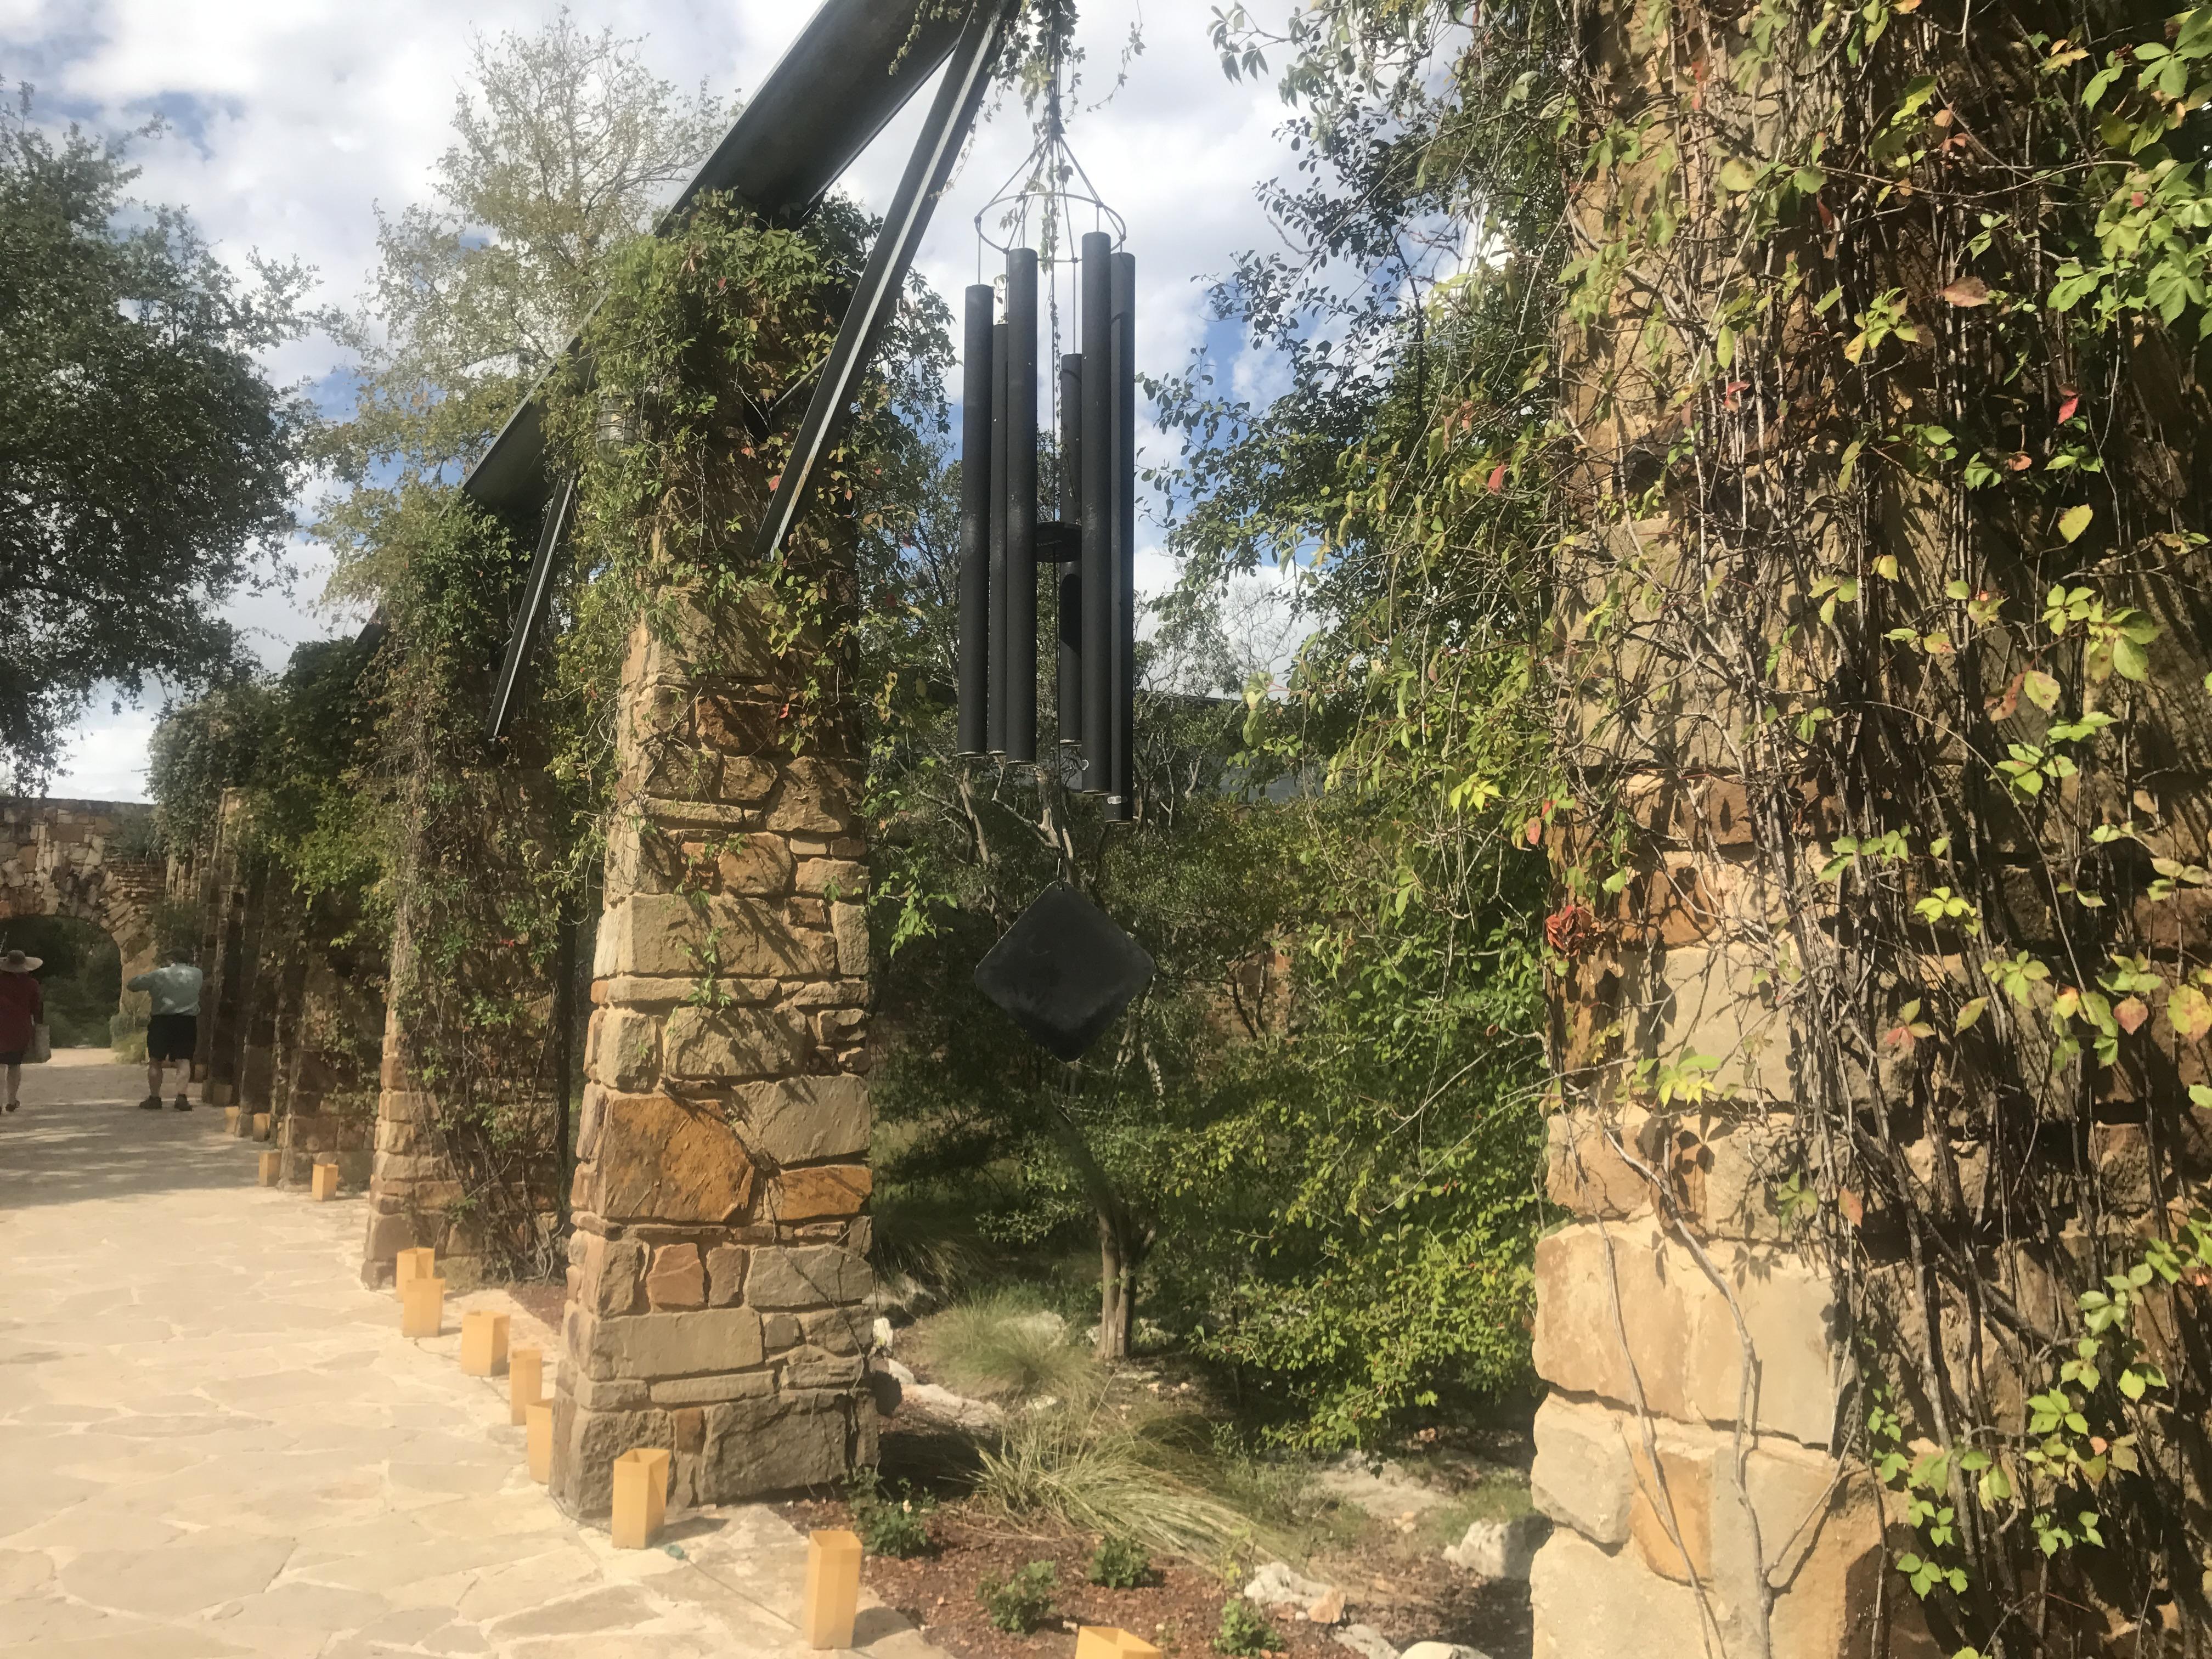 Lady Bird Johnson Wildflower Center, Austin, TX – 2017